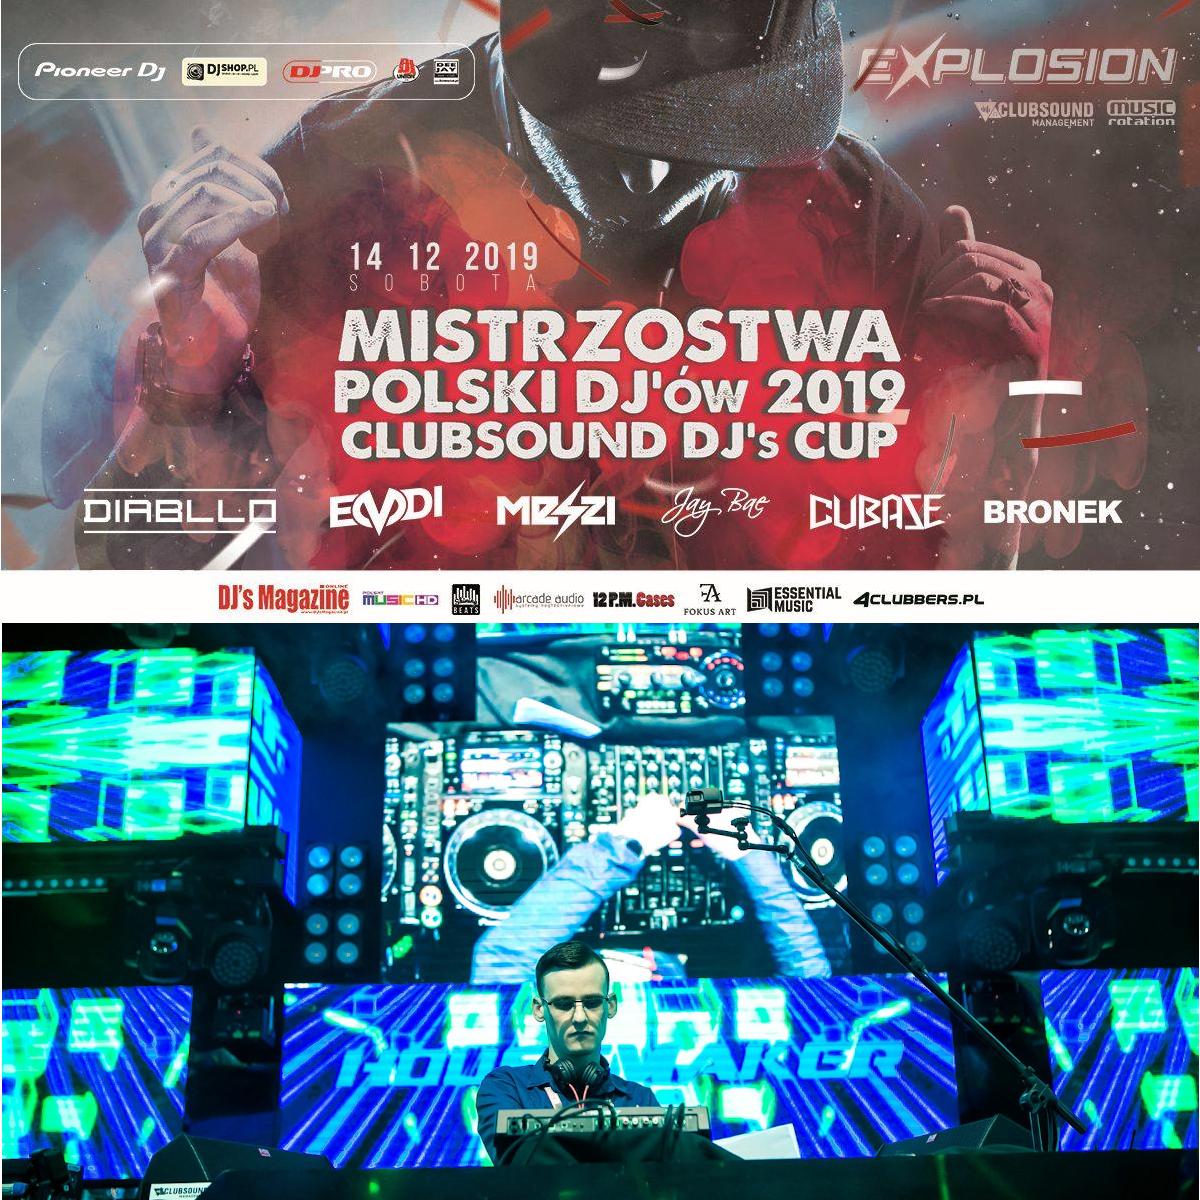 Mistrzostwa Polski Dj'ów 2019